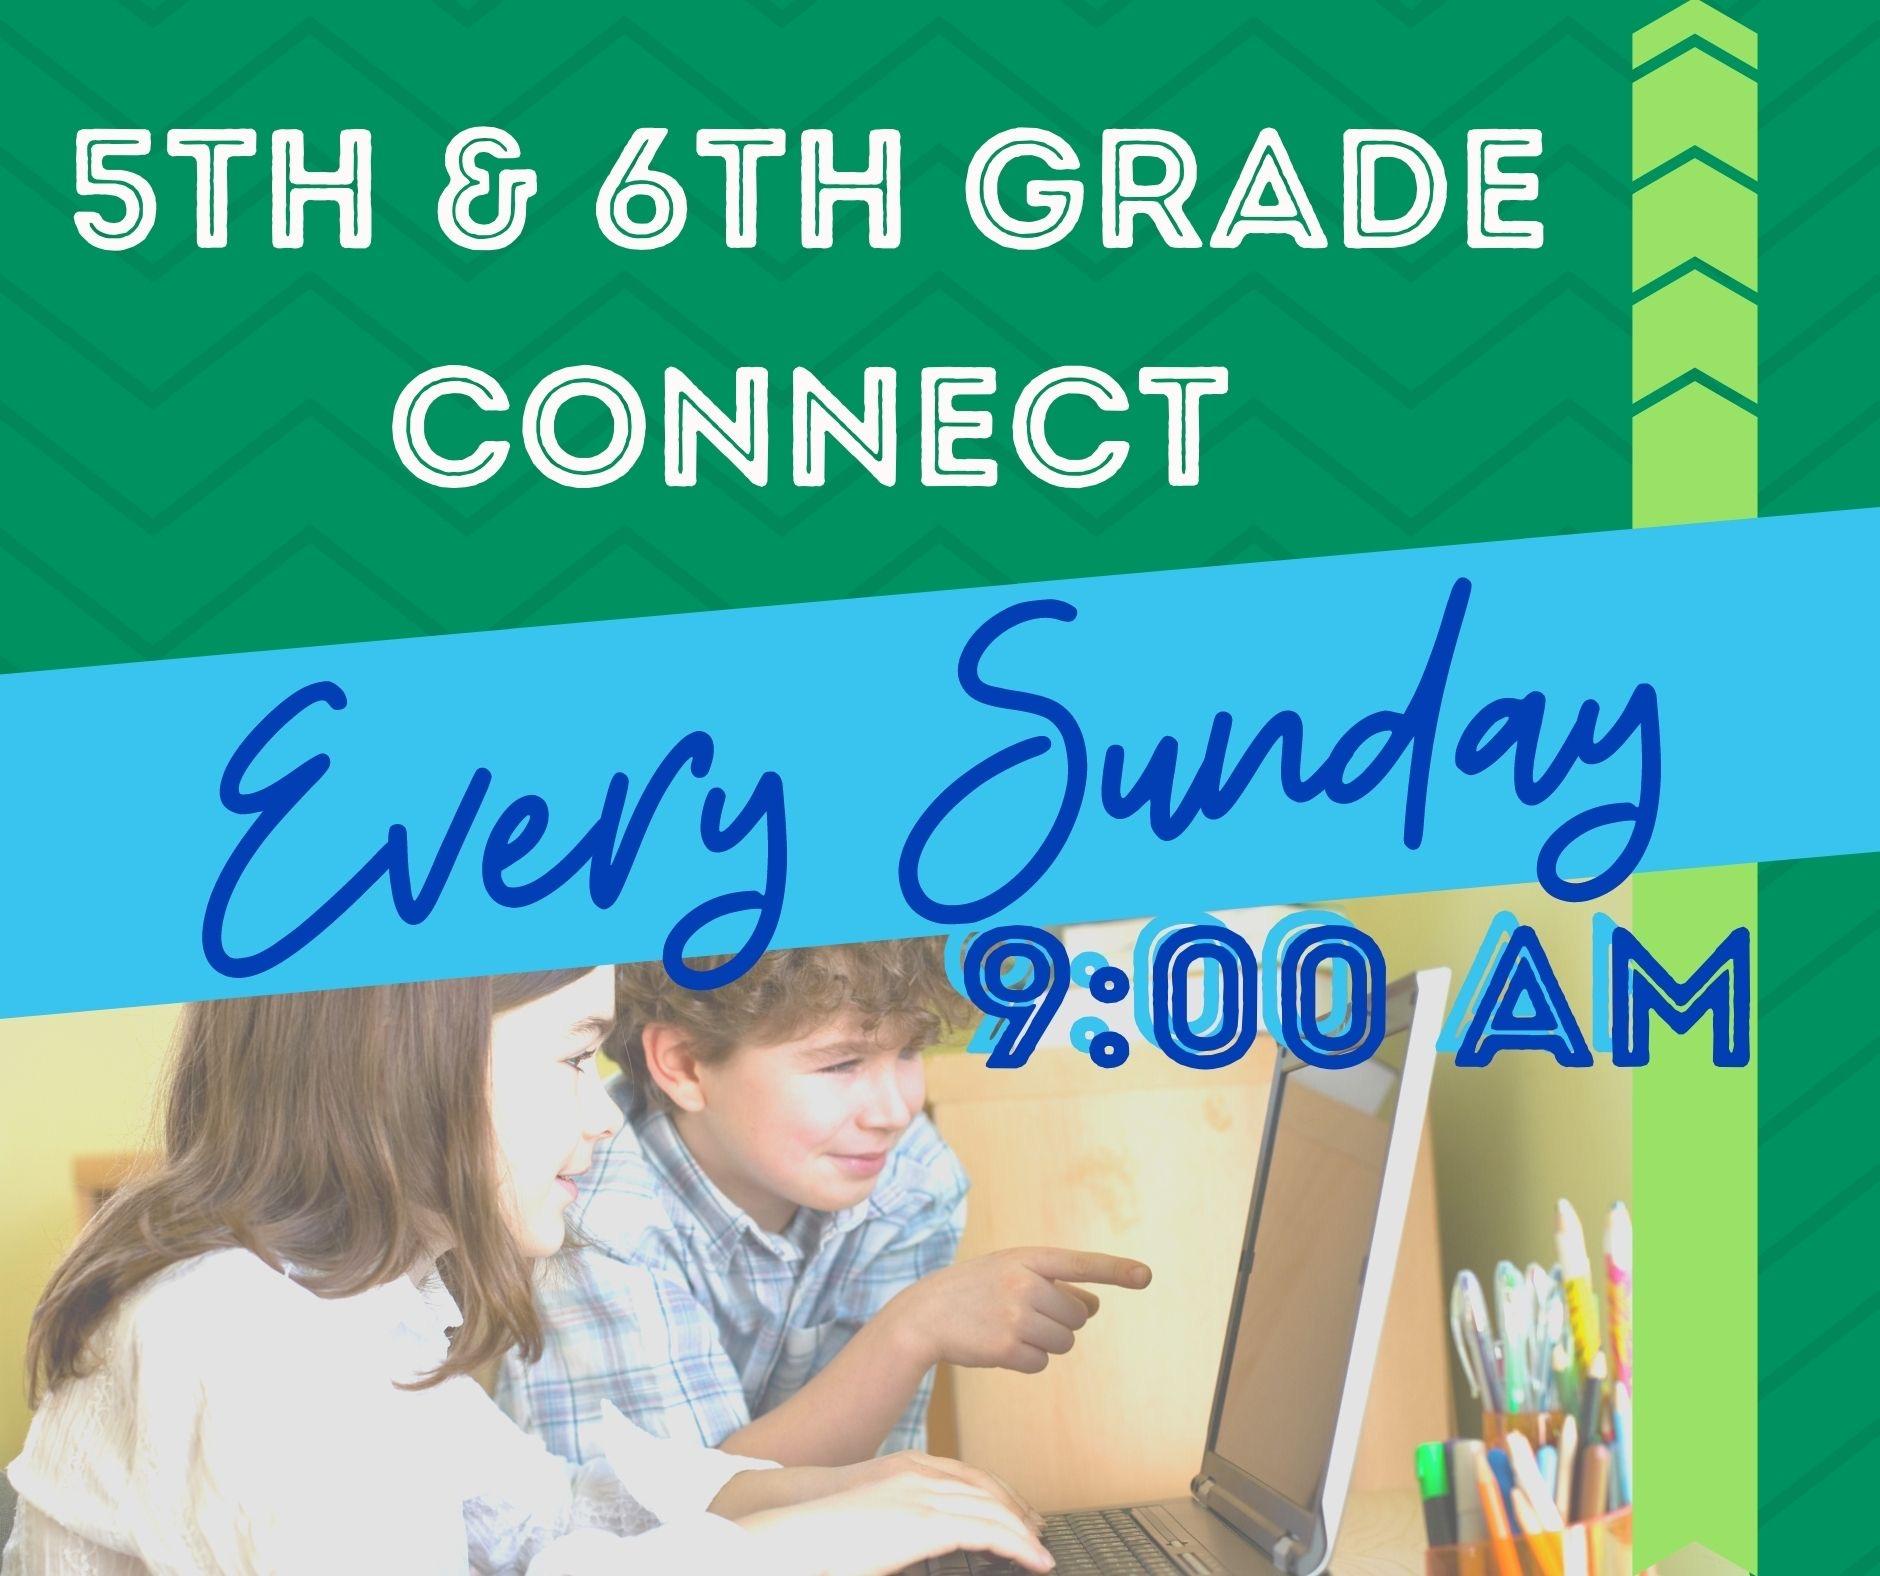 5th 6th Grade Connect